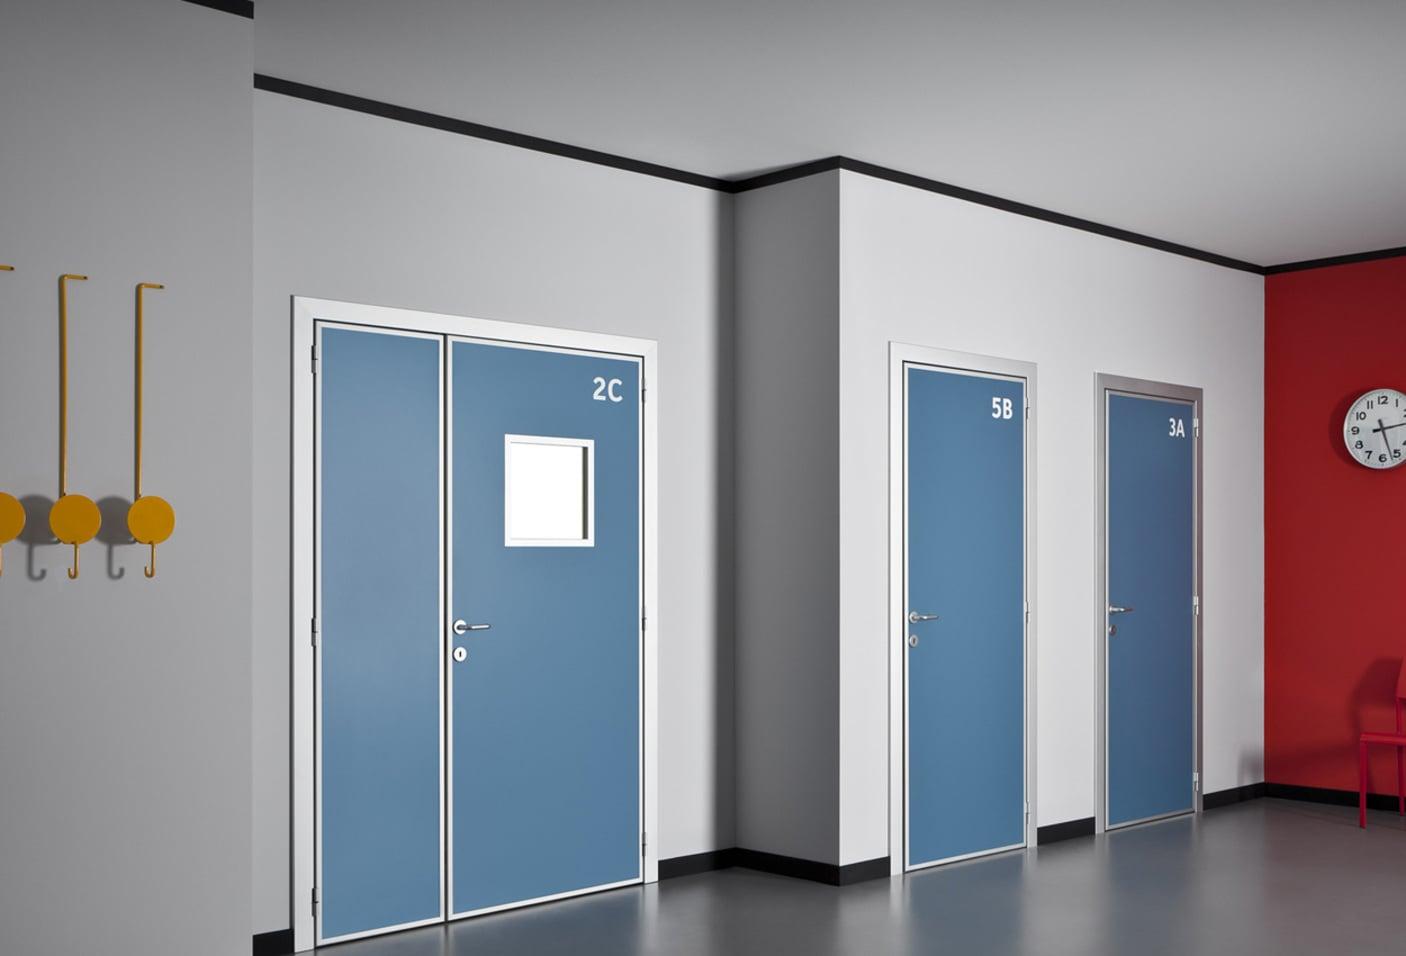 Quadra porte in alluminio e vetro connecticut lainate milano - Porte in alluminio per interni prezzi ...